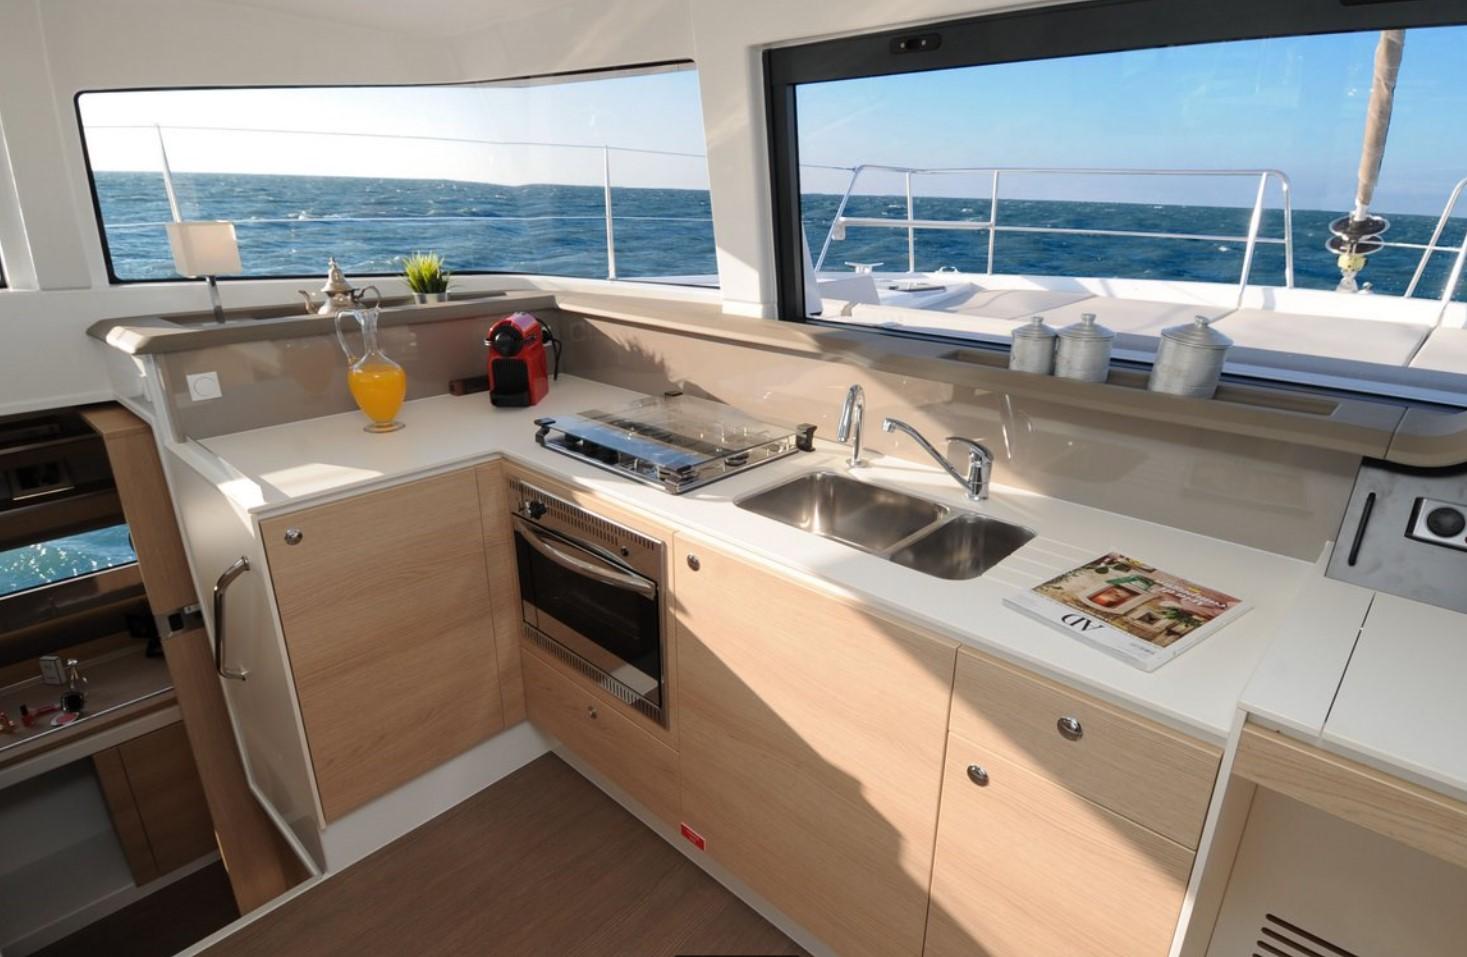 Lagoon 380 kitchen